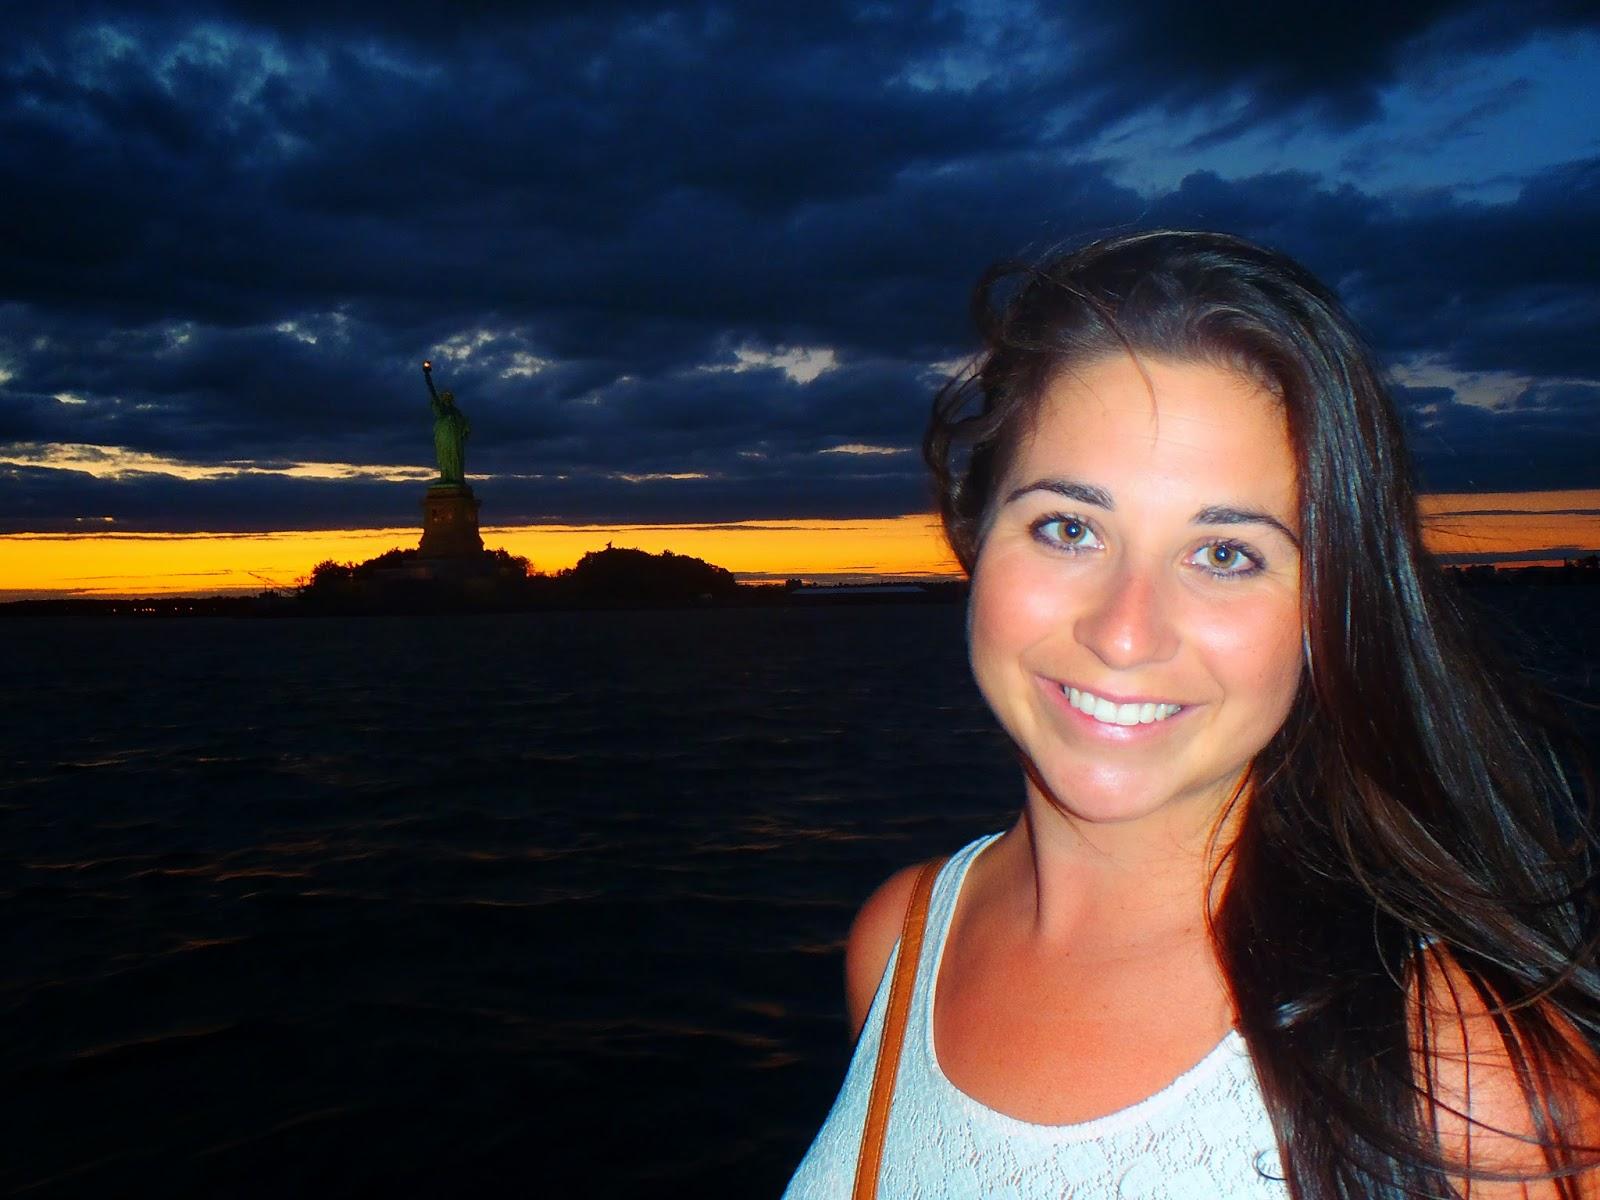 Girl at Statue of Liberty at night